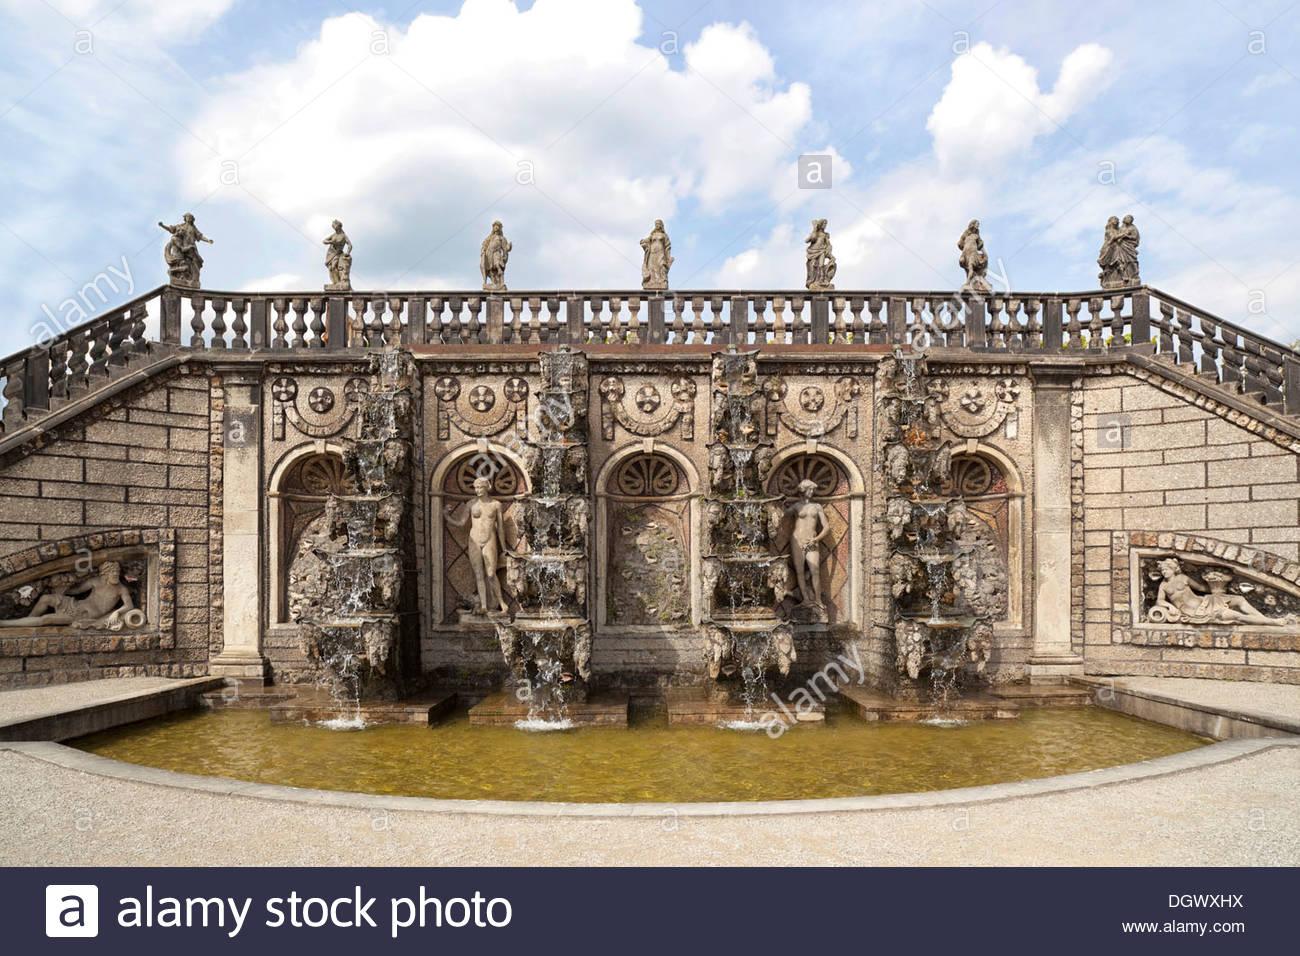 Grand fountain in the grosser garten park herrenhaeuser gardens hanover lower saxony